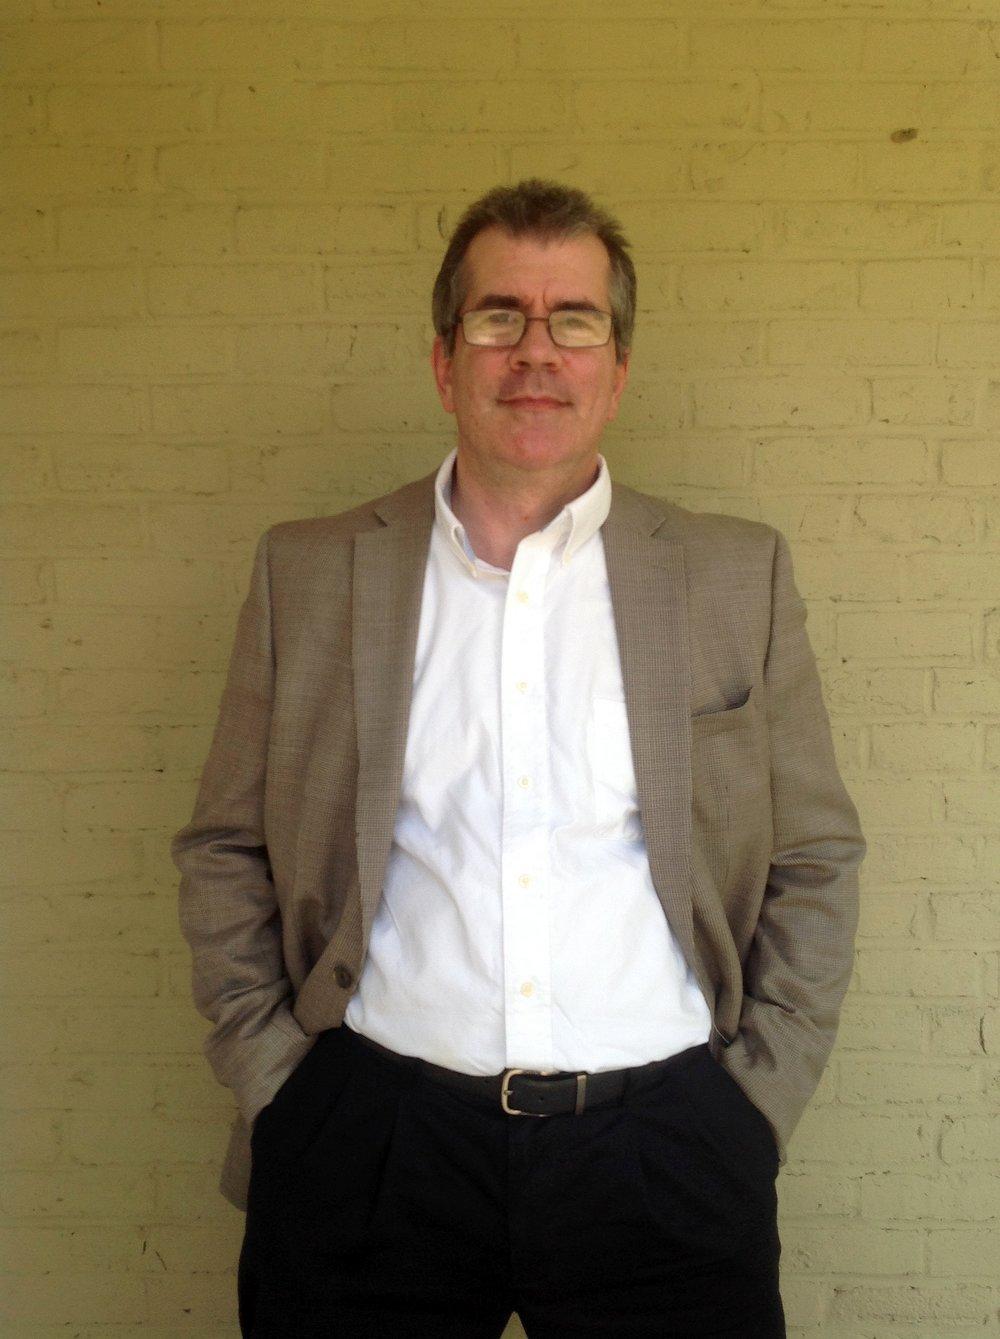 Ken Satryb